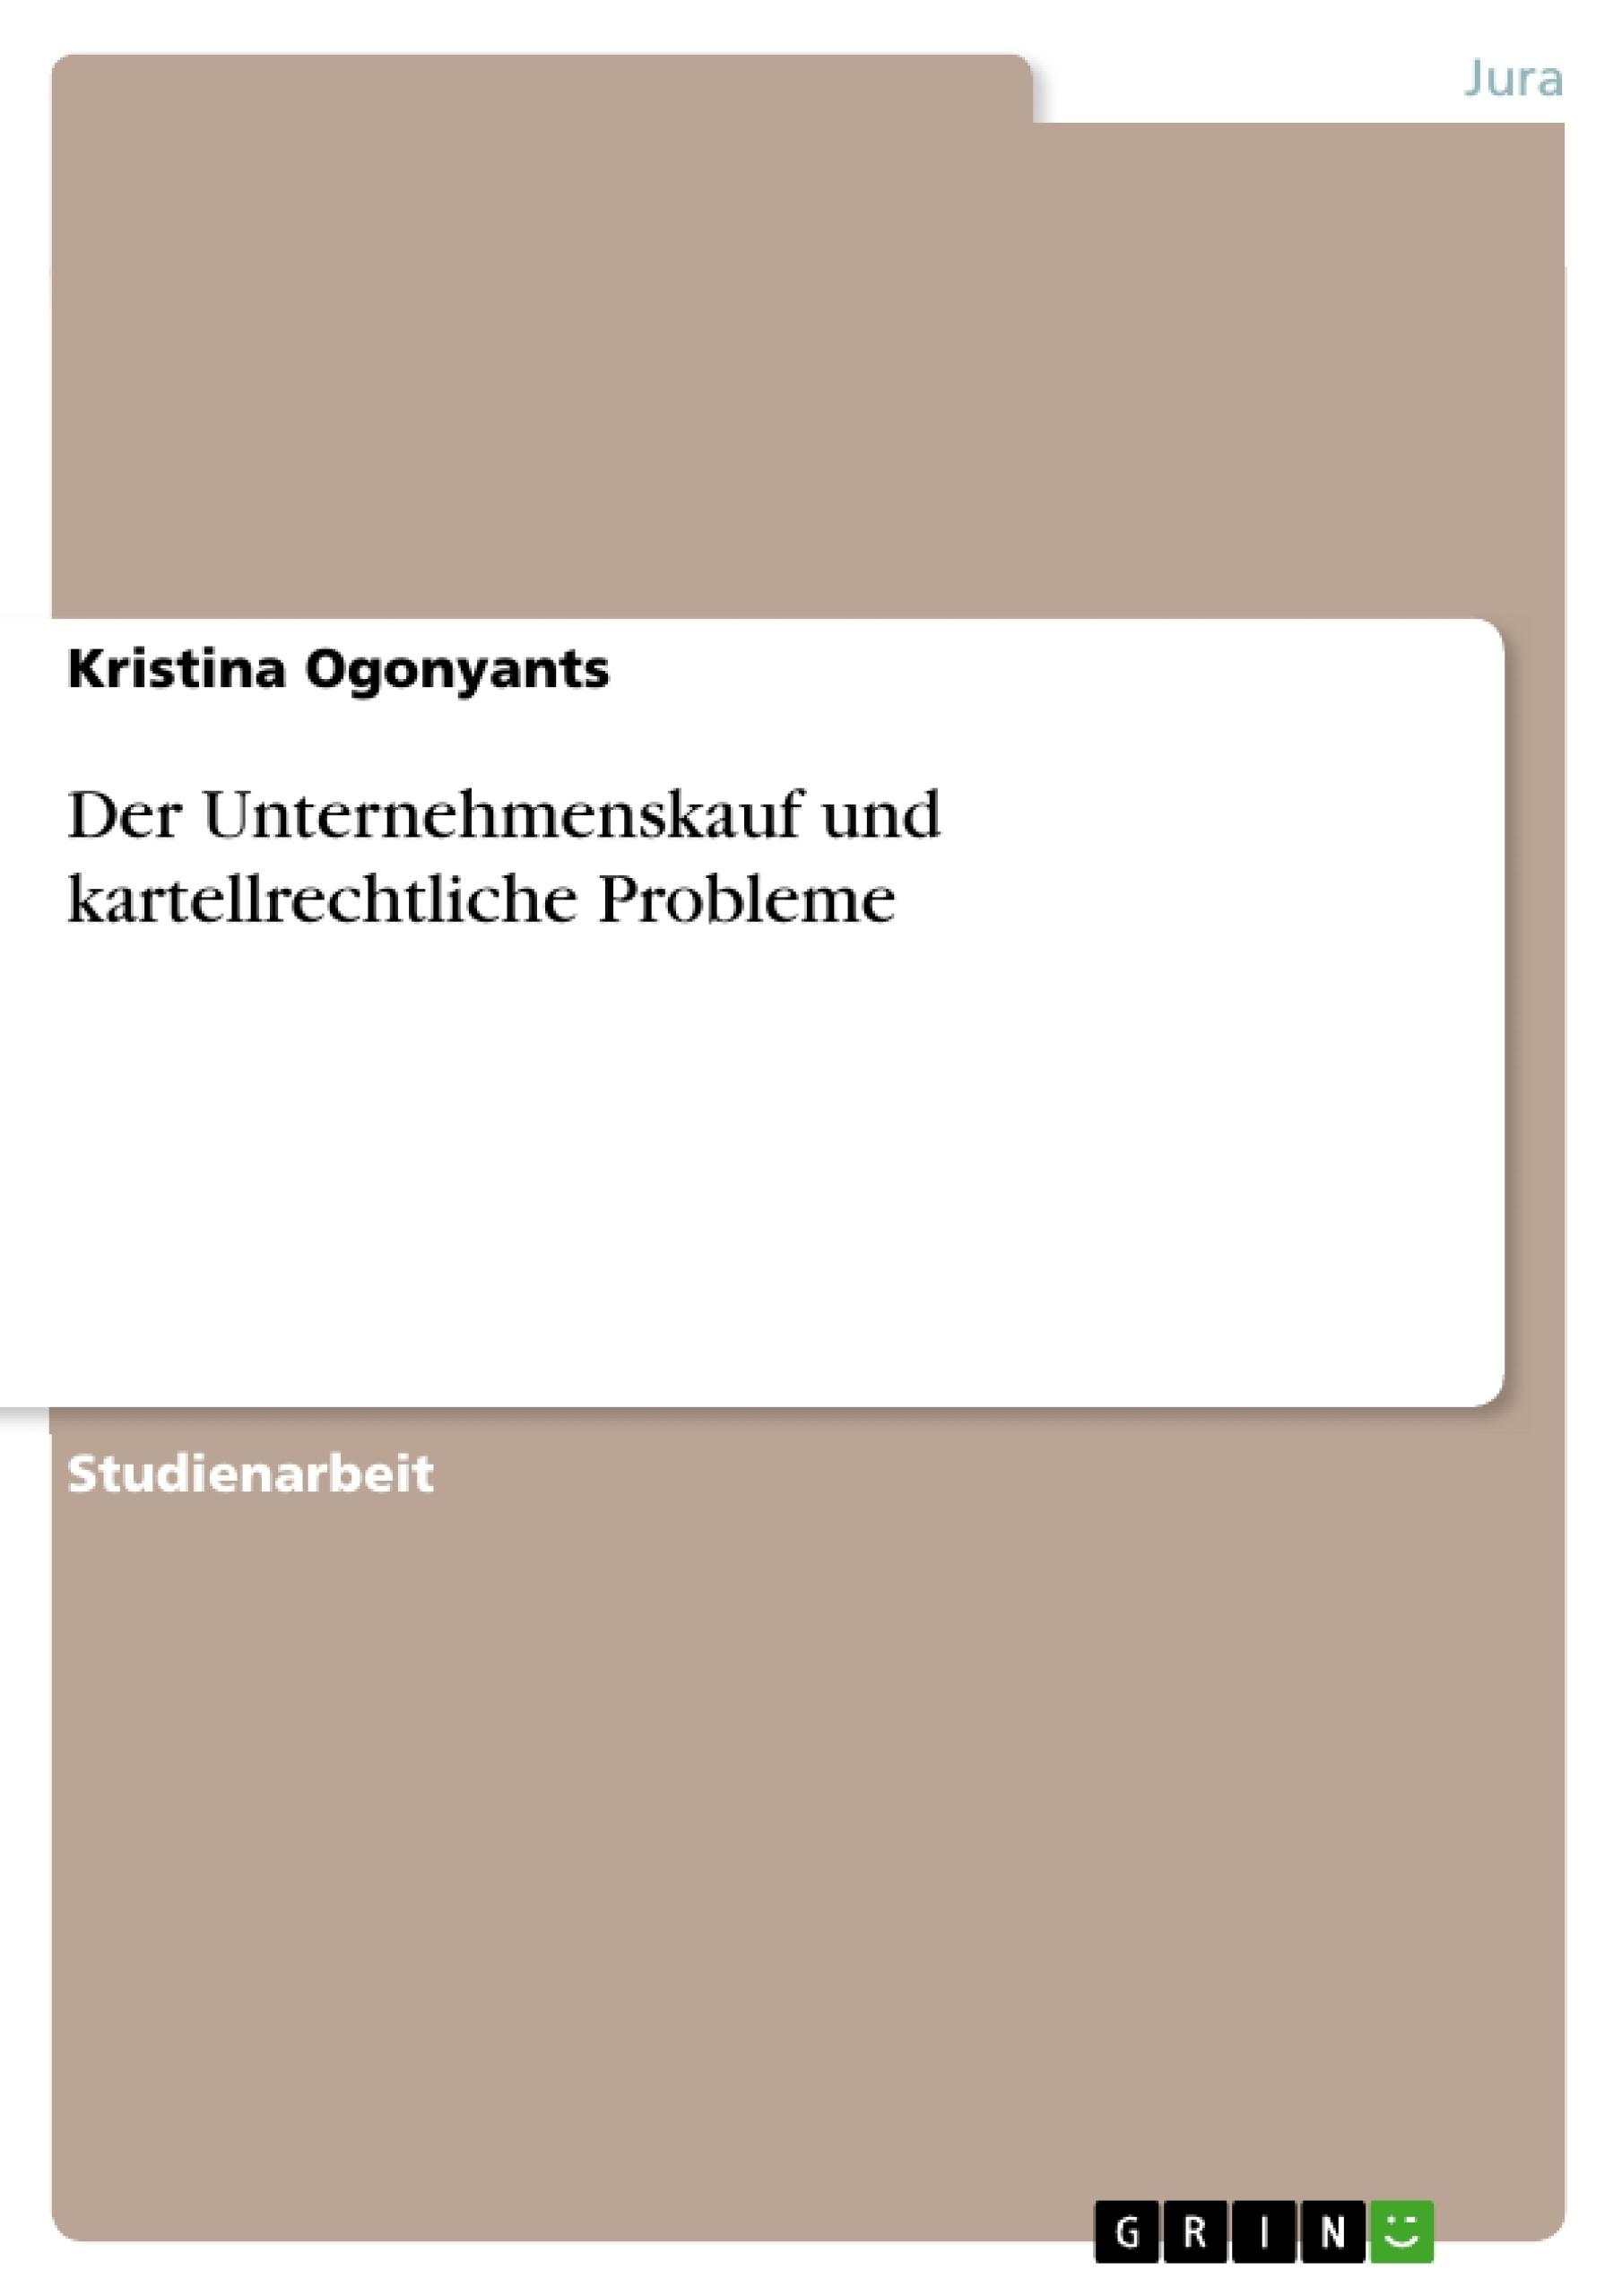 Titel: Der Unternehmenskauf und kartellrechtliche Probleme